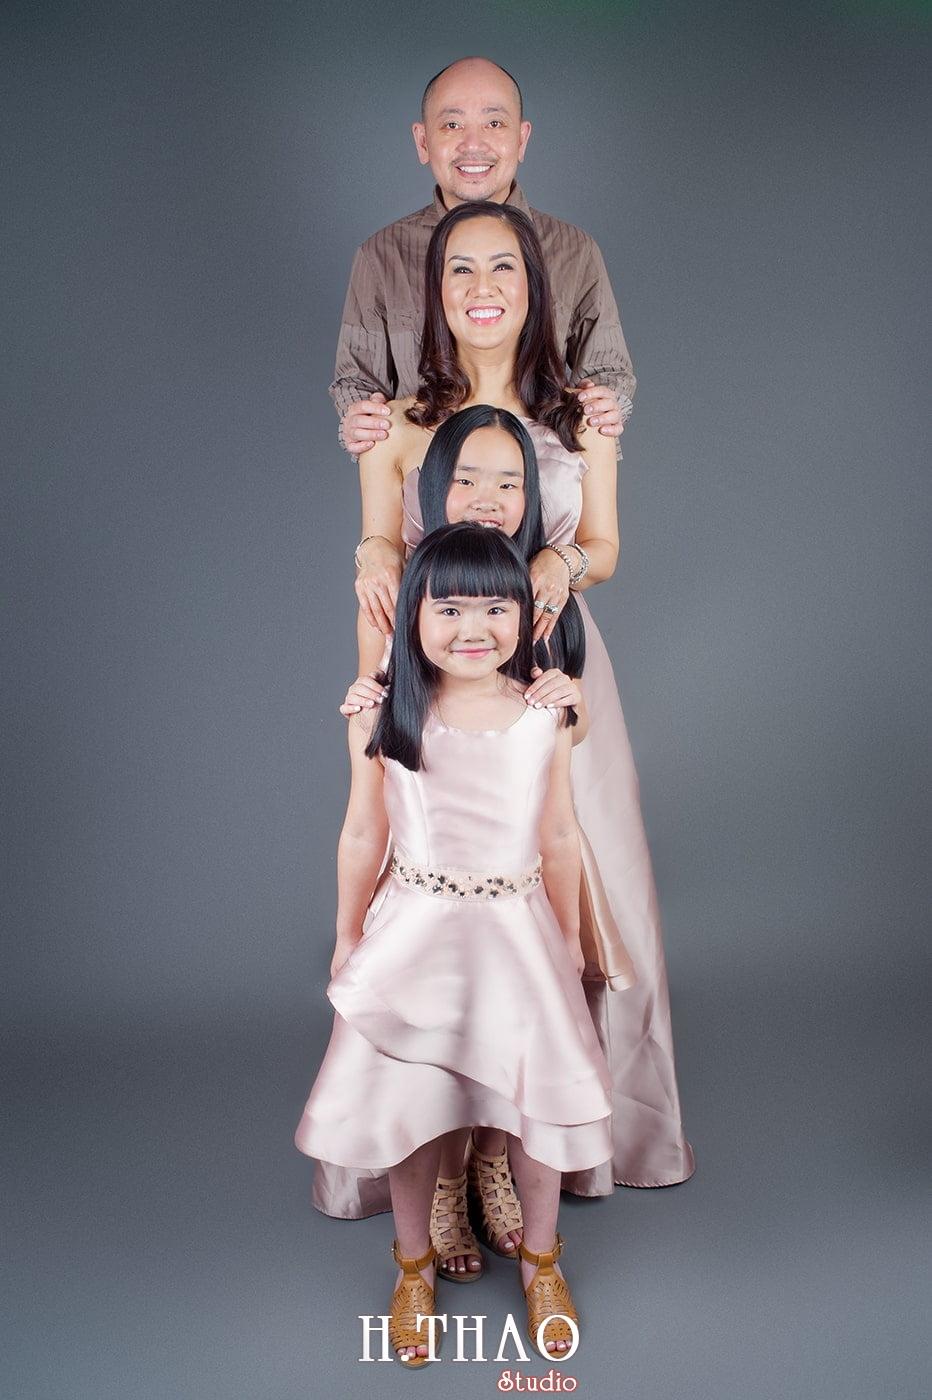 Anh gia dinh 6 - 19 cách tạo dáng chụp ảnh gia đình tự nhiên nhất - HThao Studio